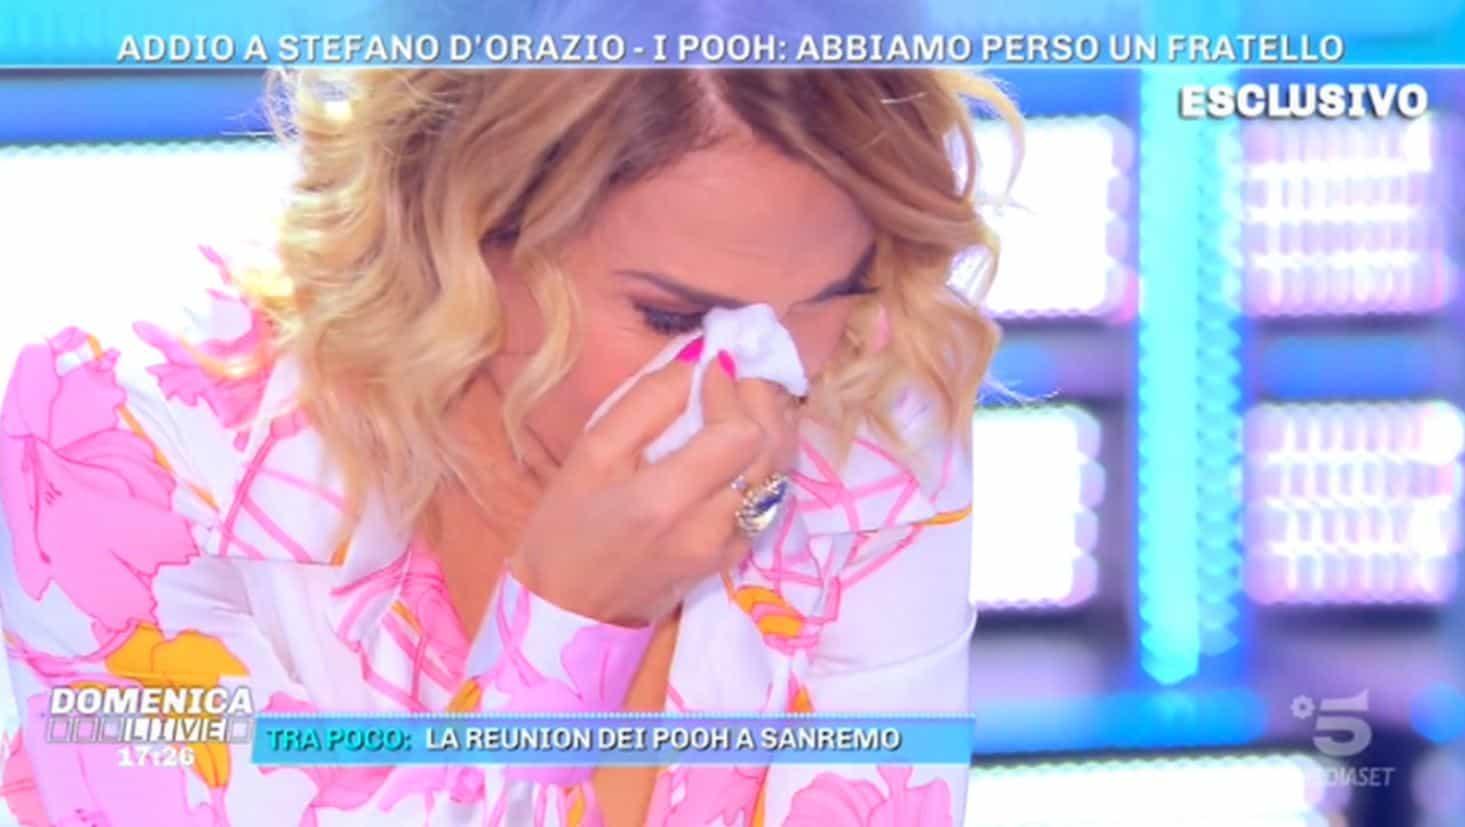 Barbara d'Urso in lacrime ricorda Stefano d'Orazio da Domenica Live